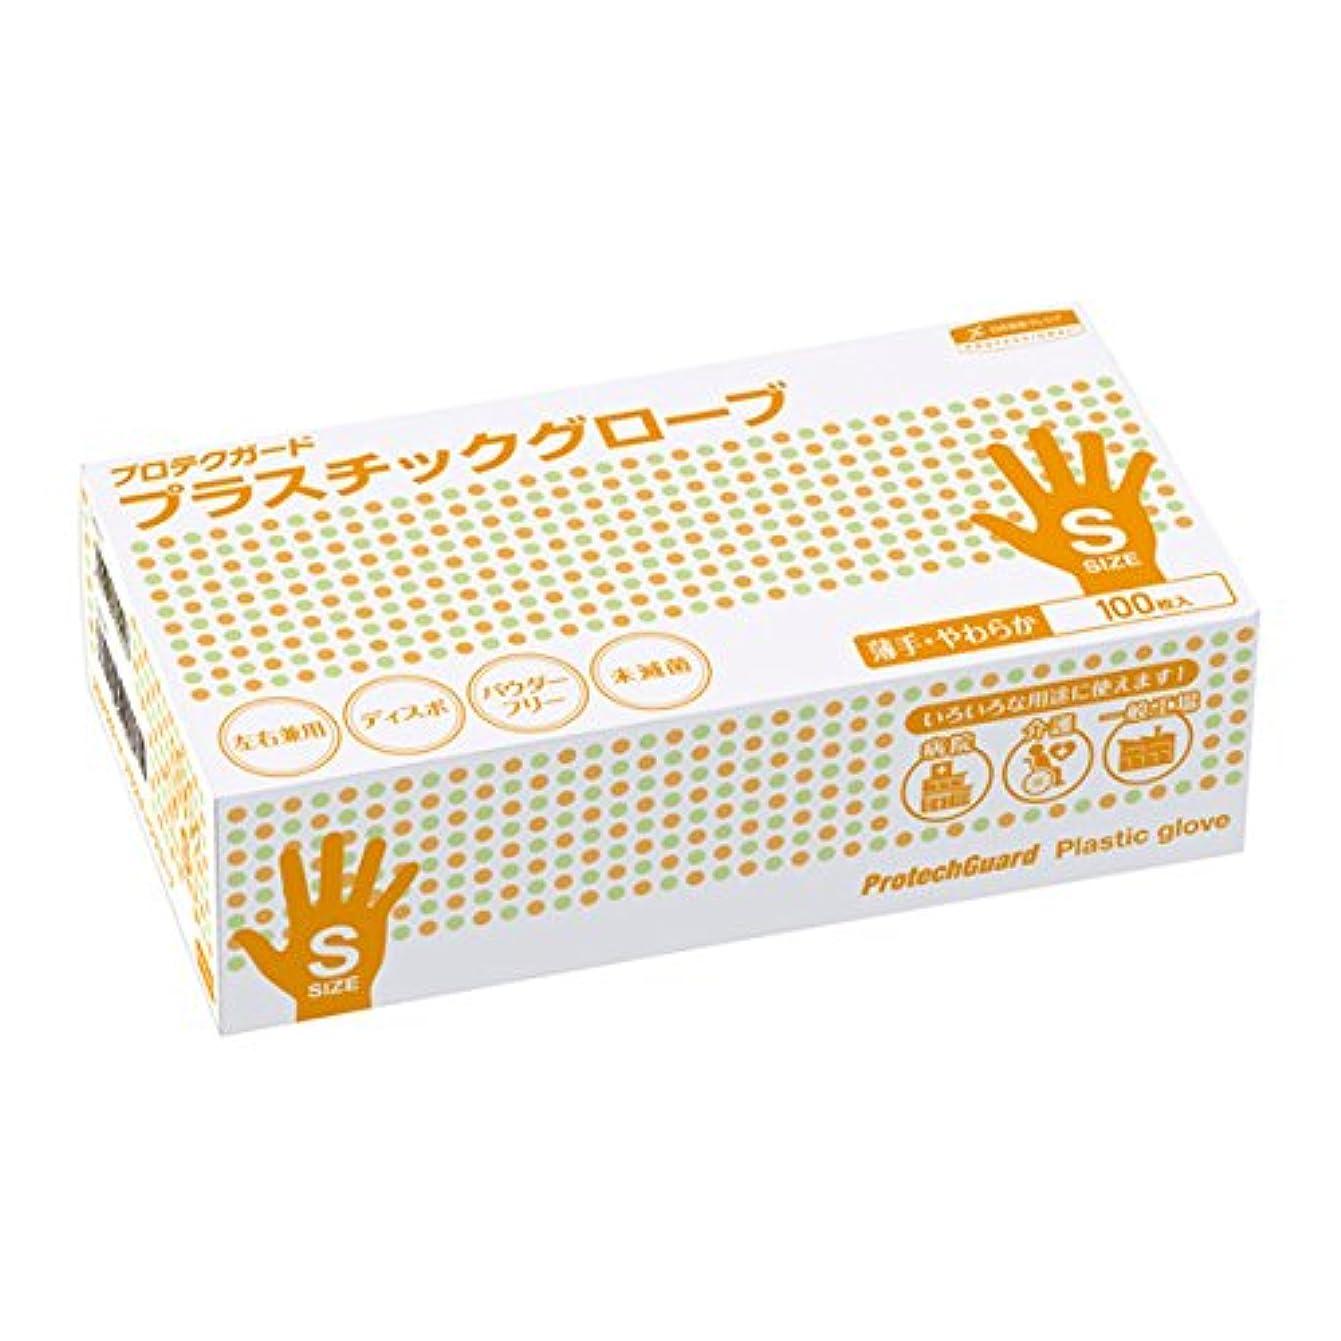 もっと革新ばかげた日本製紙クレシア:プロテクガード プラスチックグローブ Sサイズ 100枚×10ボックス